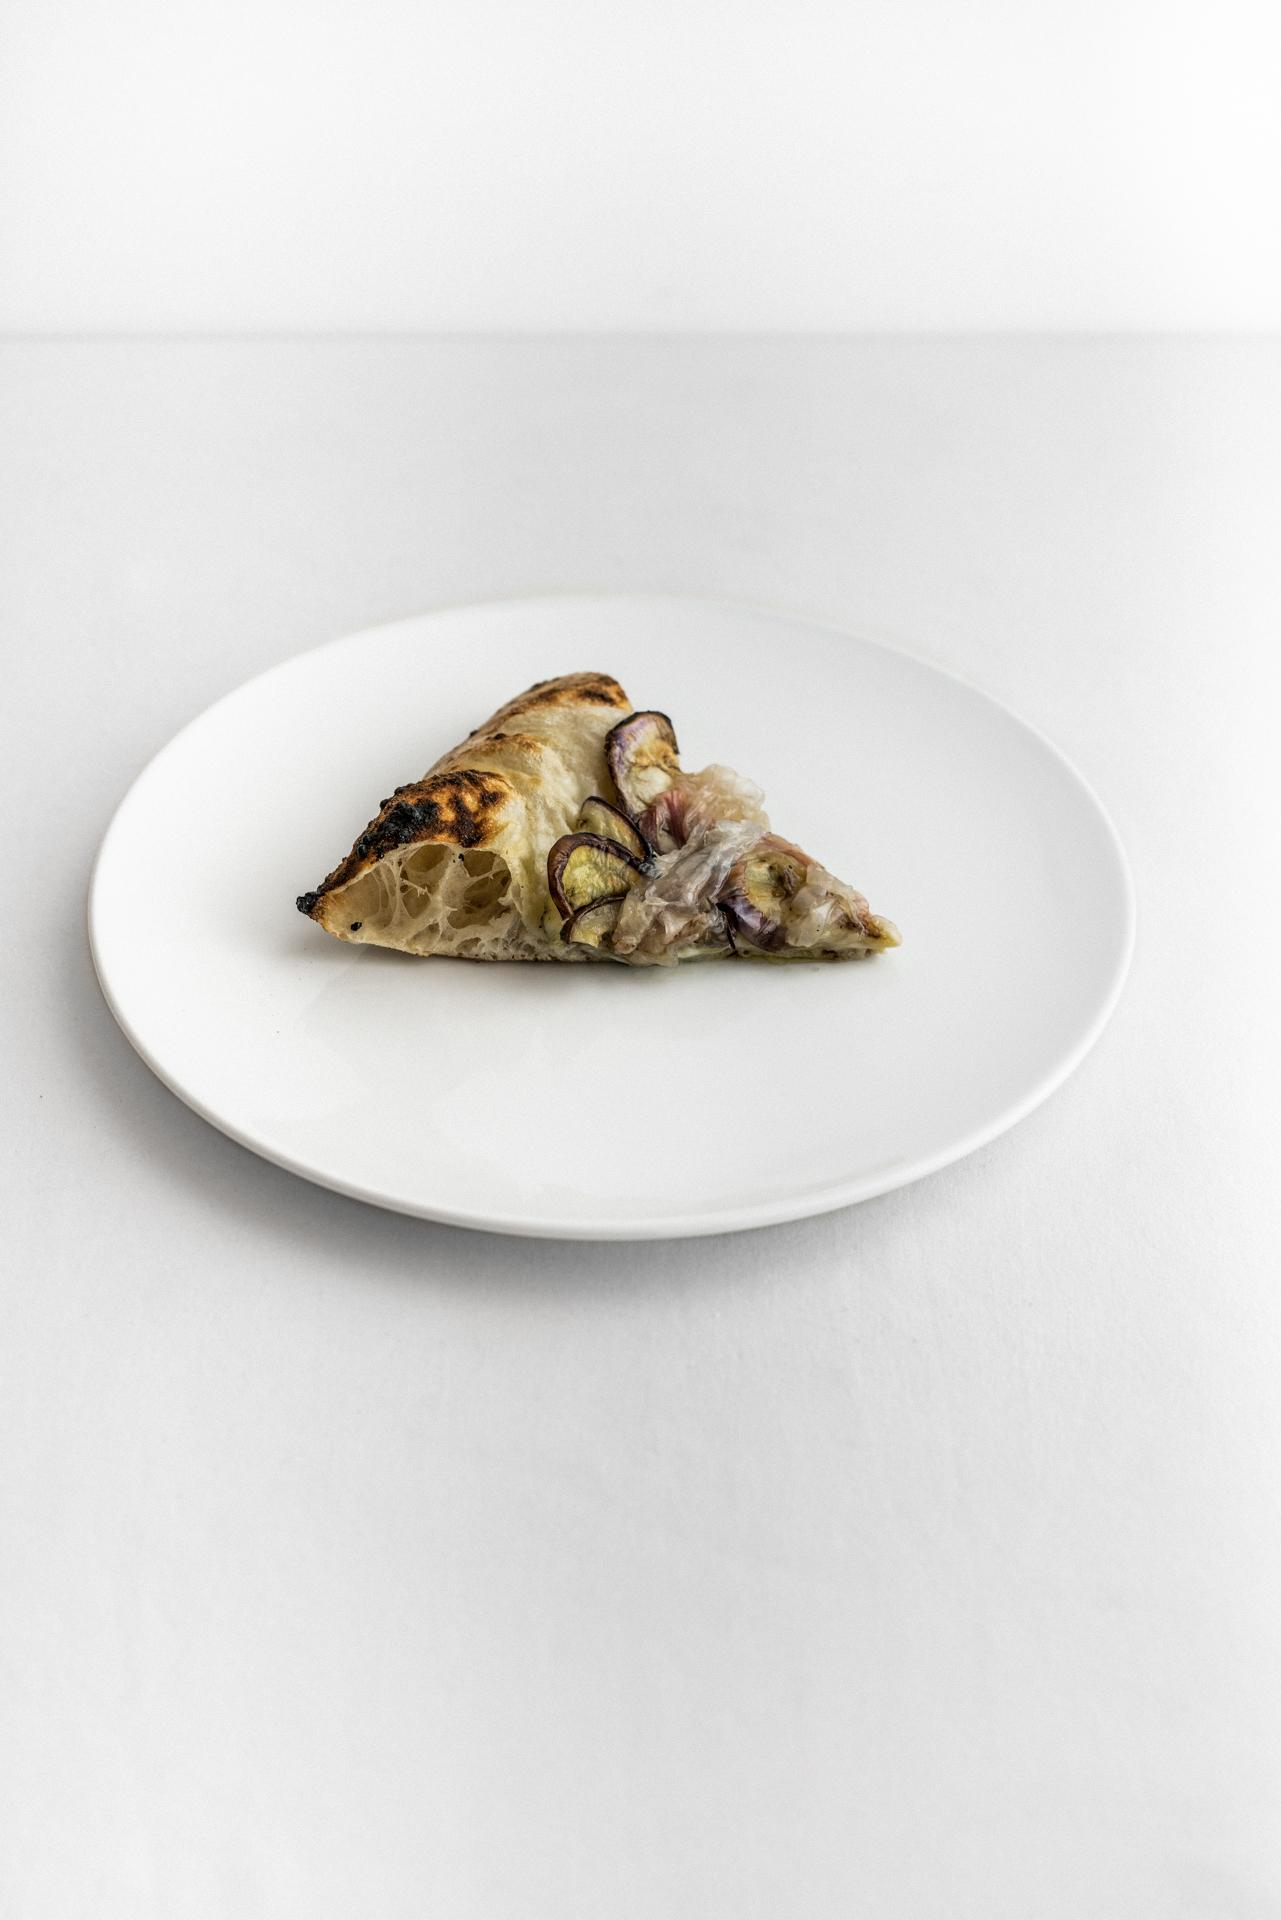 Pizza melanzane e lardo di Luca Bizzarri, infoodfamily, foto di Matteo Bizzarri